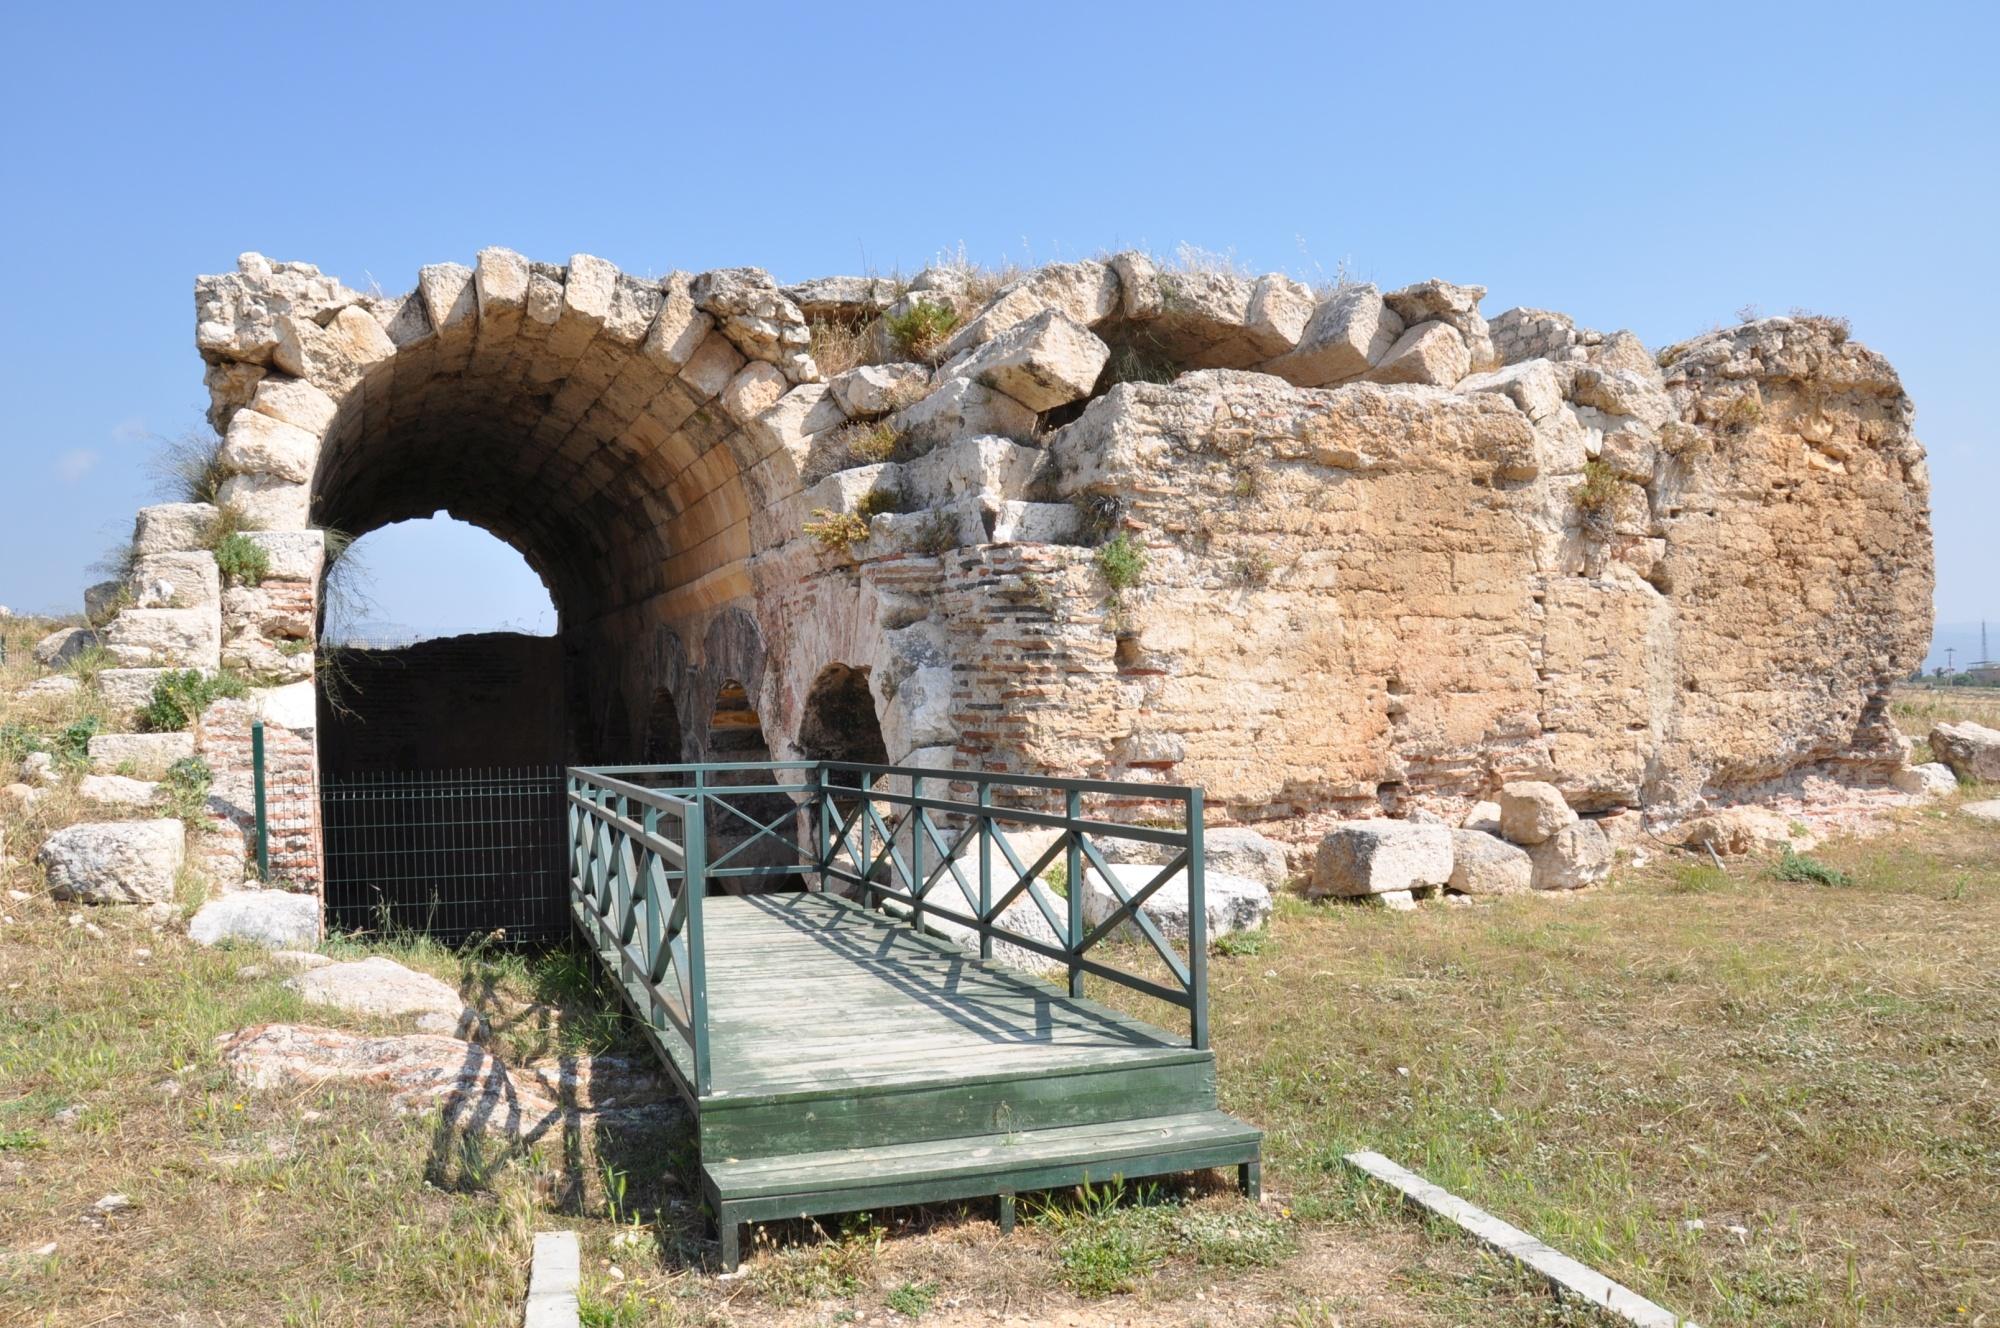 Kościół świętej Tekli w Silifke - cysterna